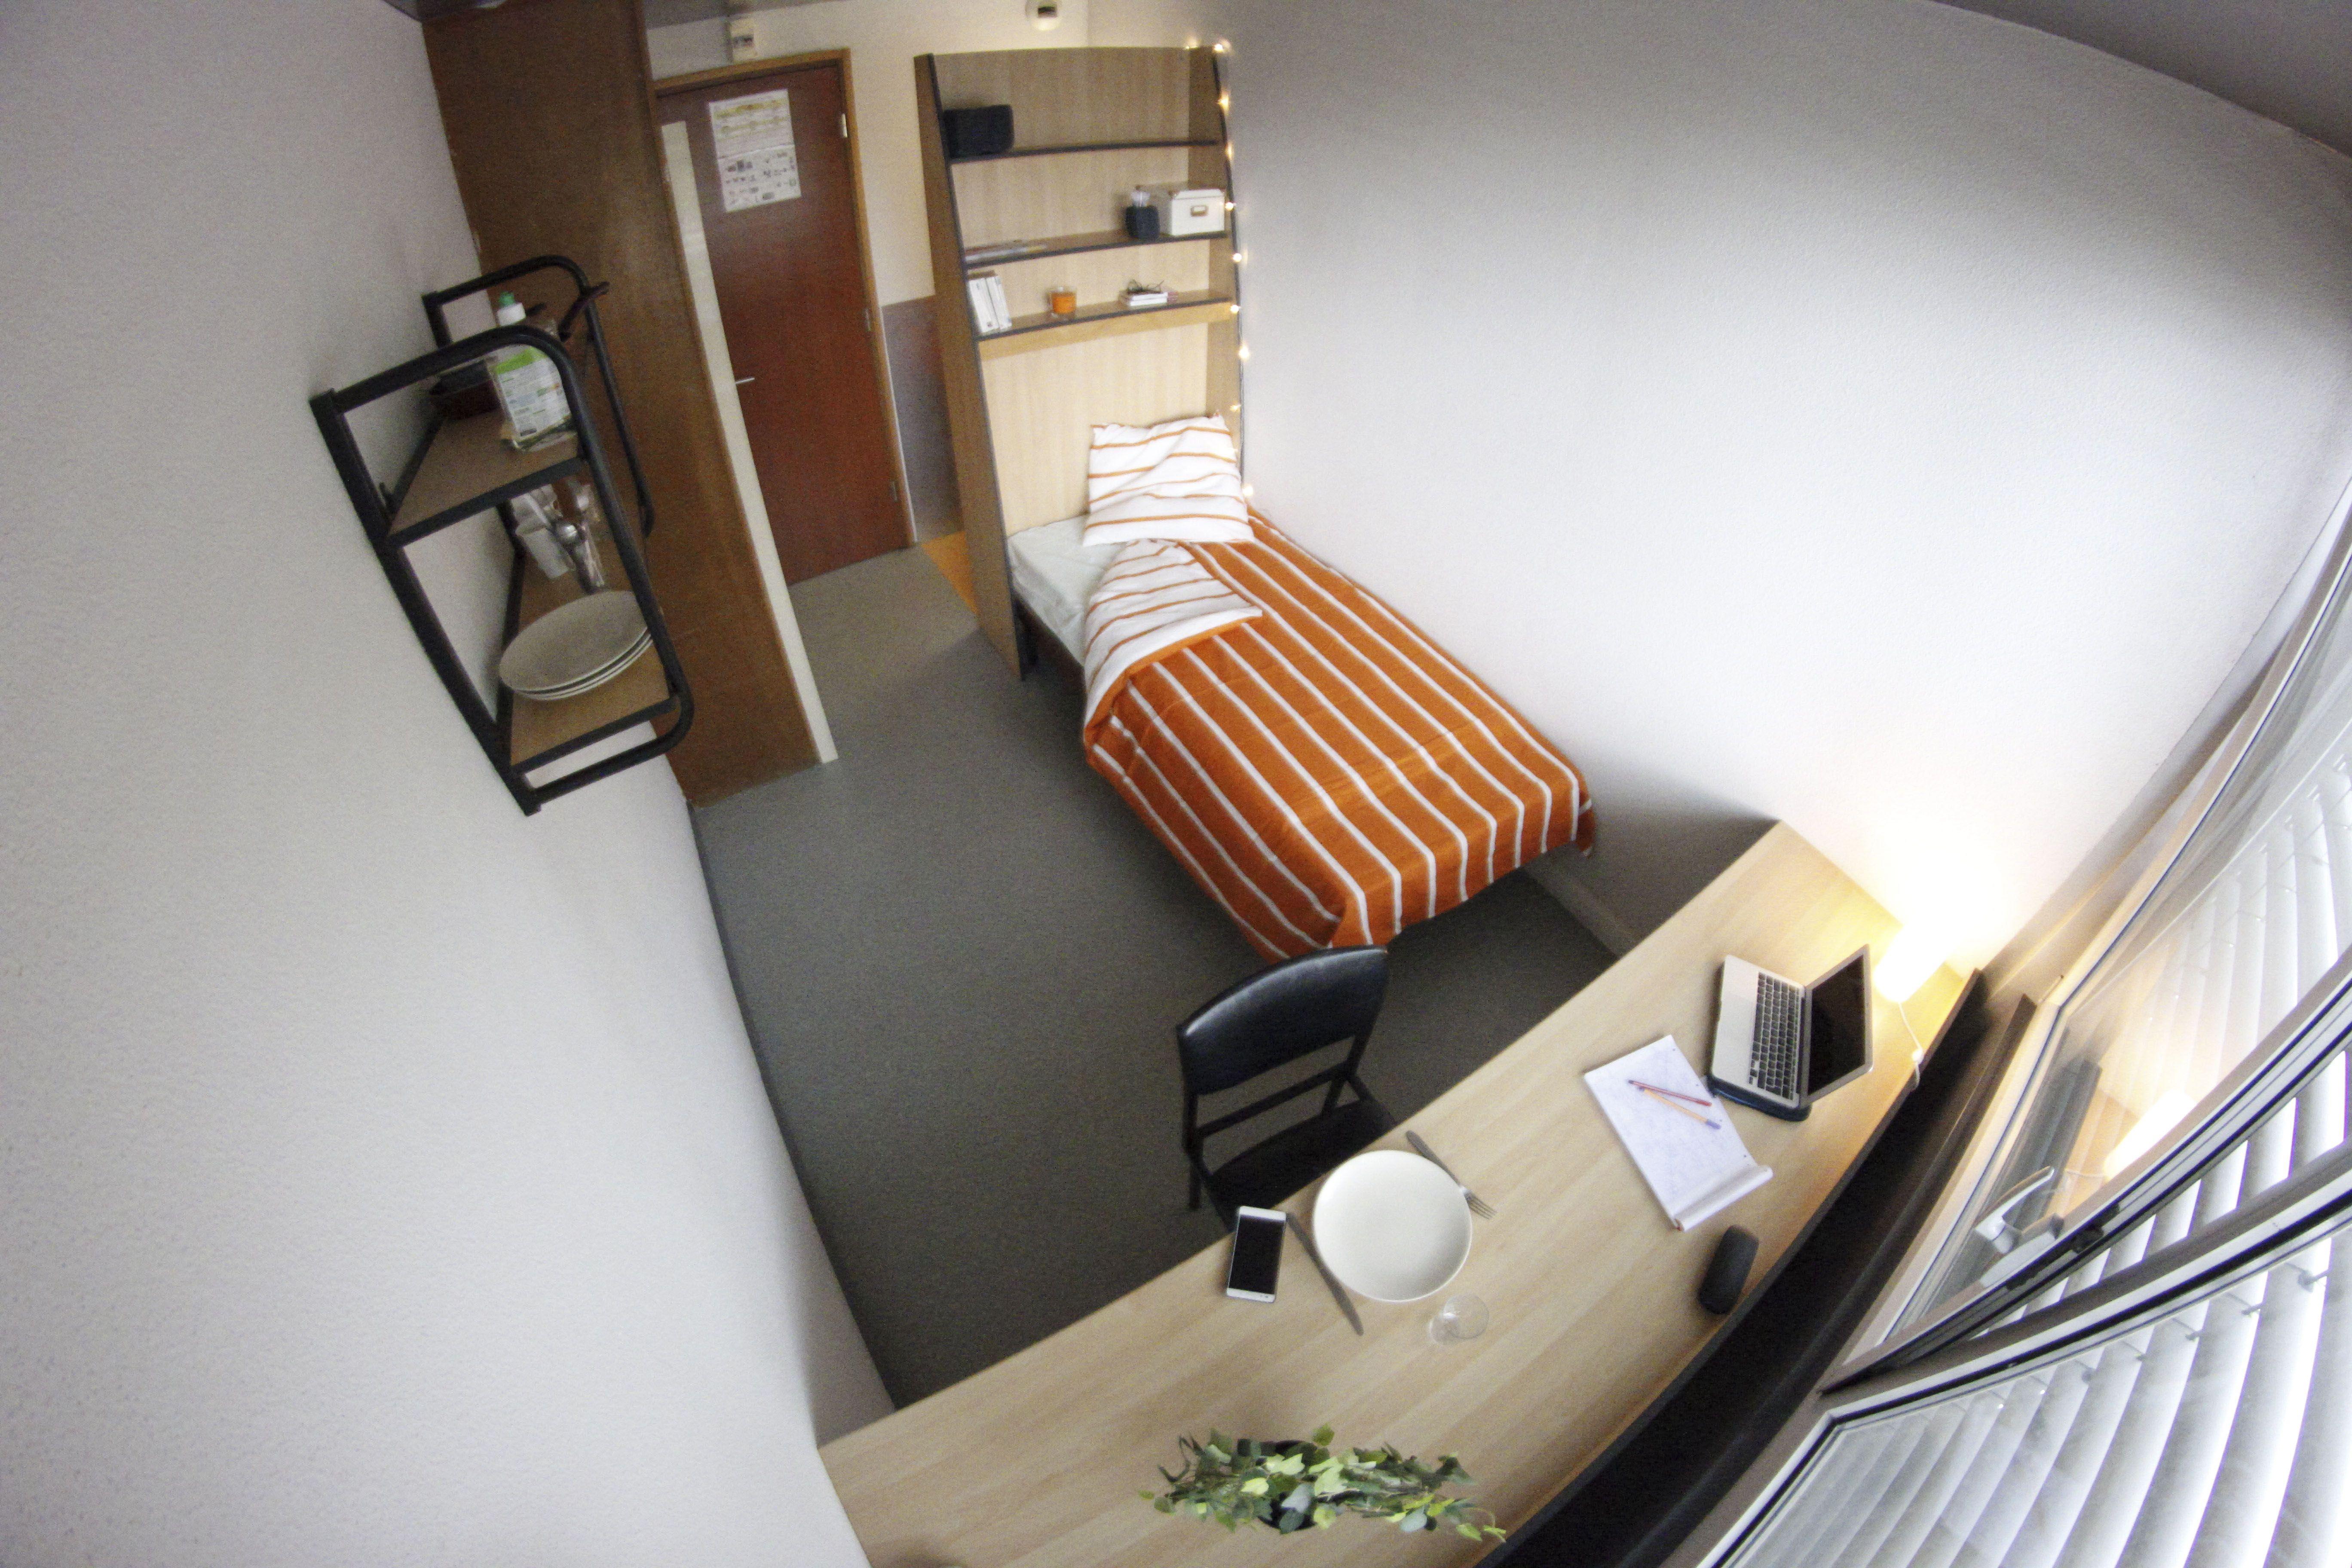 équipement des chambres Prise TV internet réfrigérateur lavabo